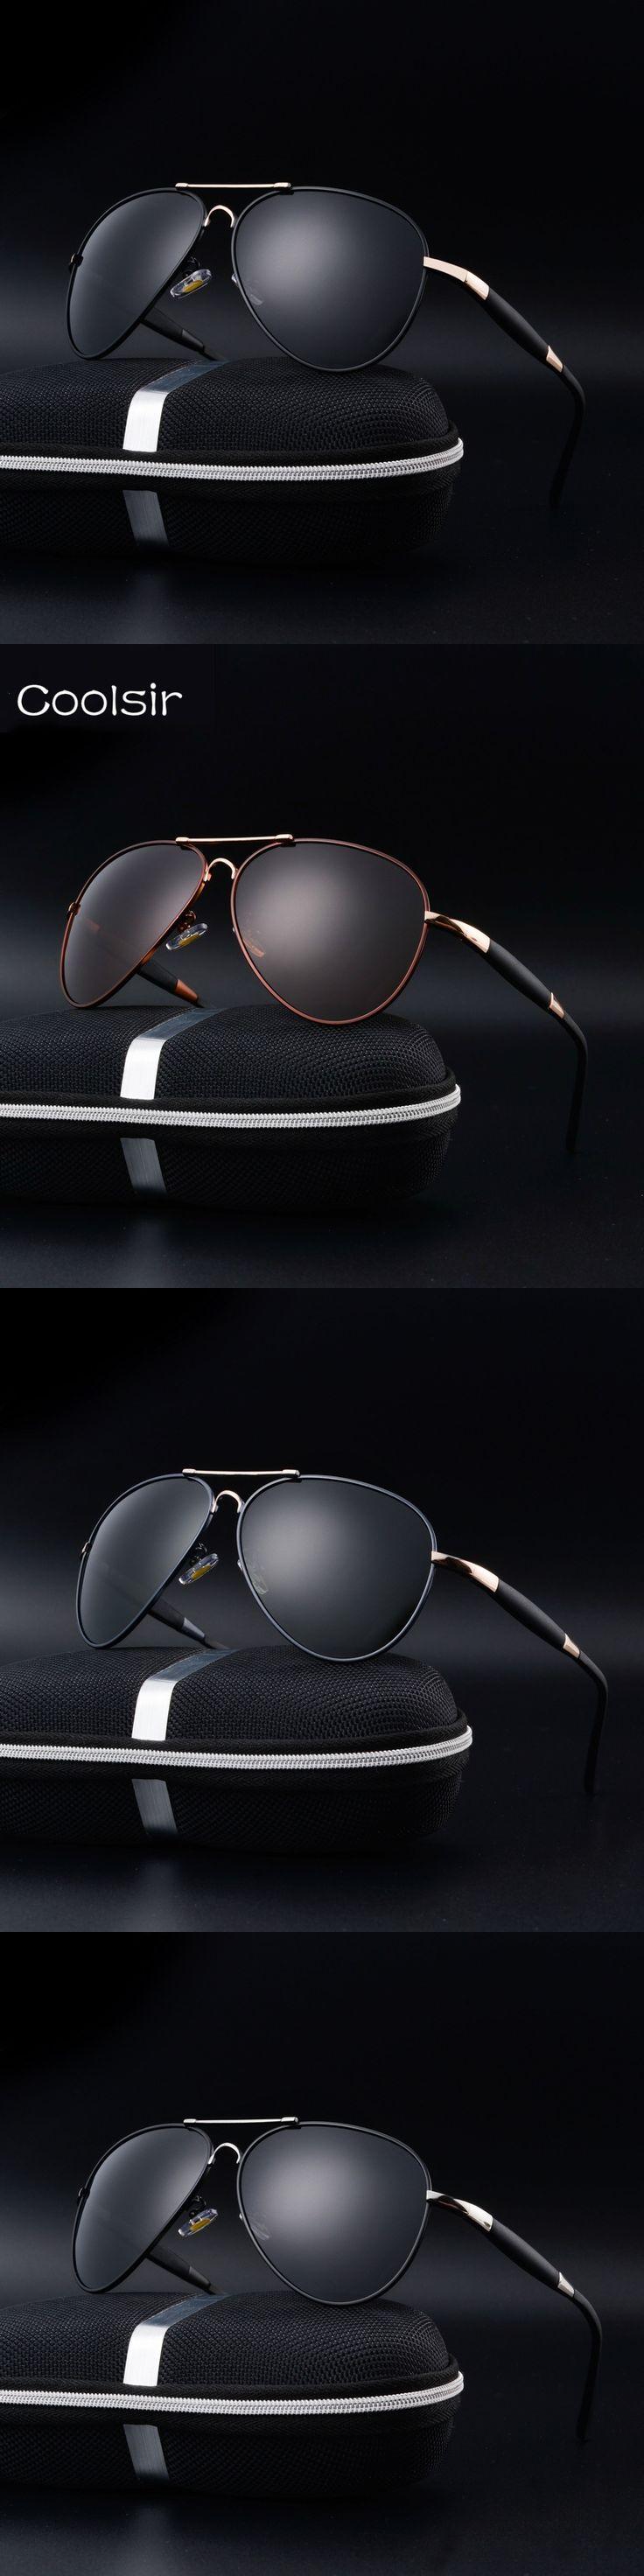 New 2017 Coolsir Brand Designer Polarized aviator Sunglasses Men fashion Metal frame Retro Driving Travel gafas de sol hombre